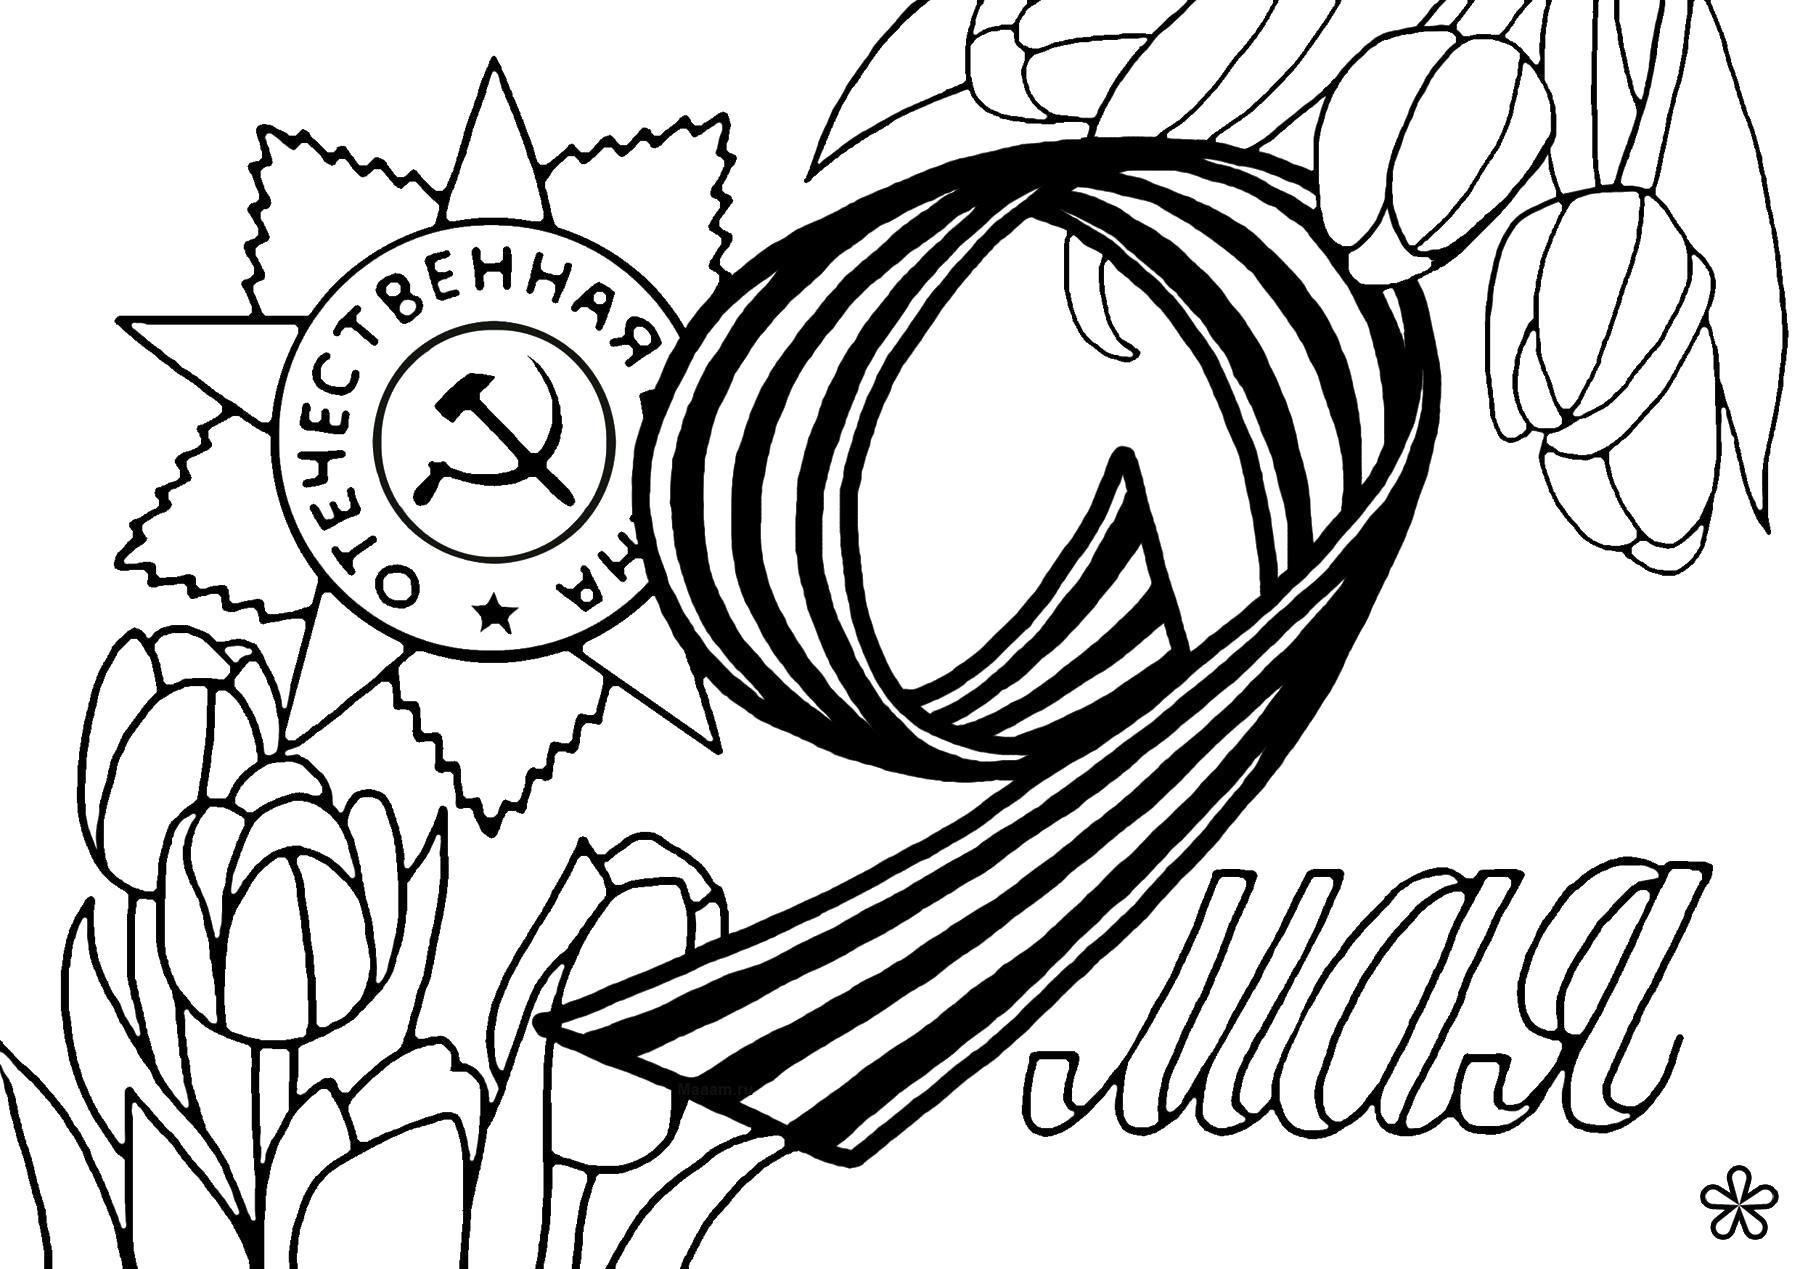 Раскраска 9 Мая, Цветы, Звезда Отечественная Война. Скачать 9 мая.  Распечатать 9 мая